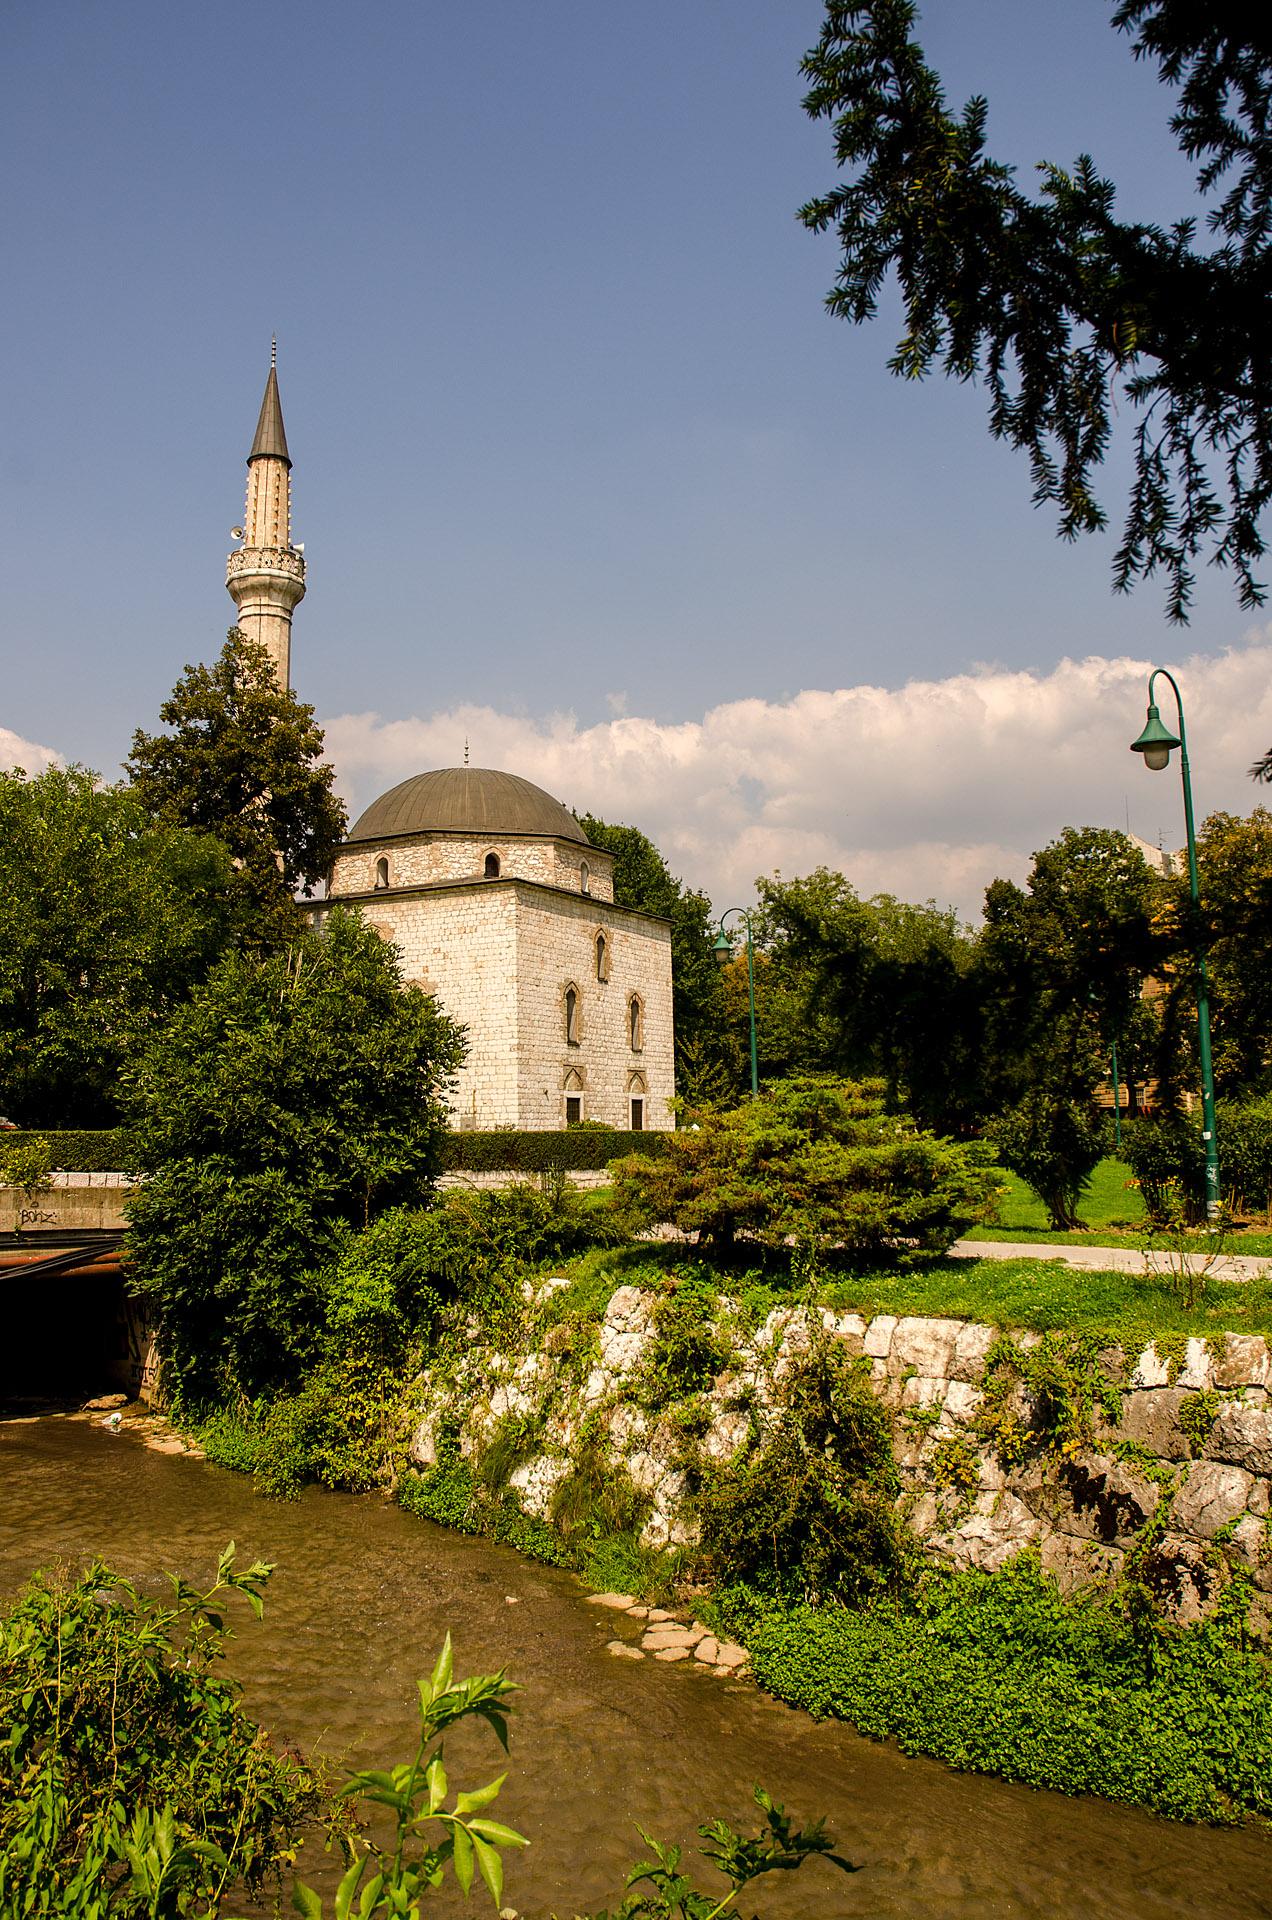 Ali Pasha's Mosque